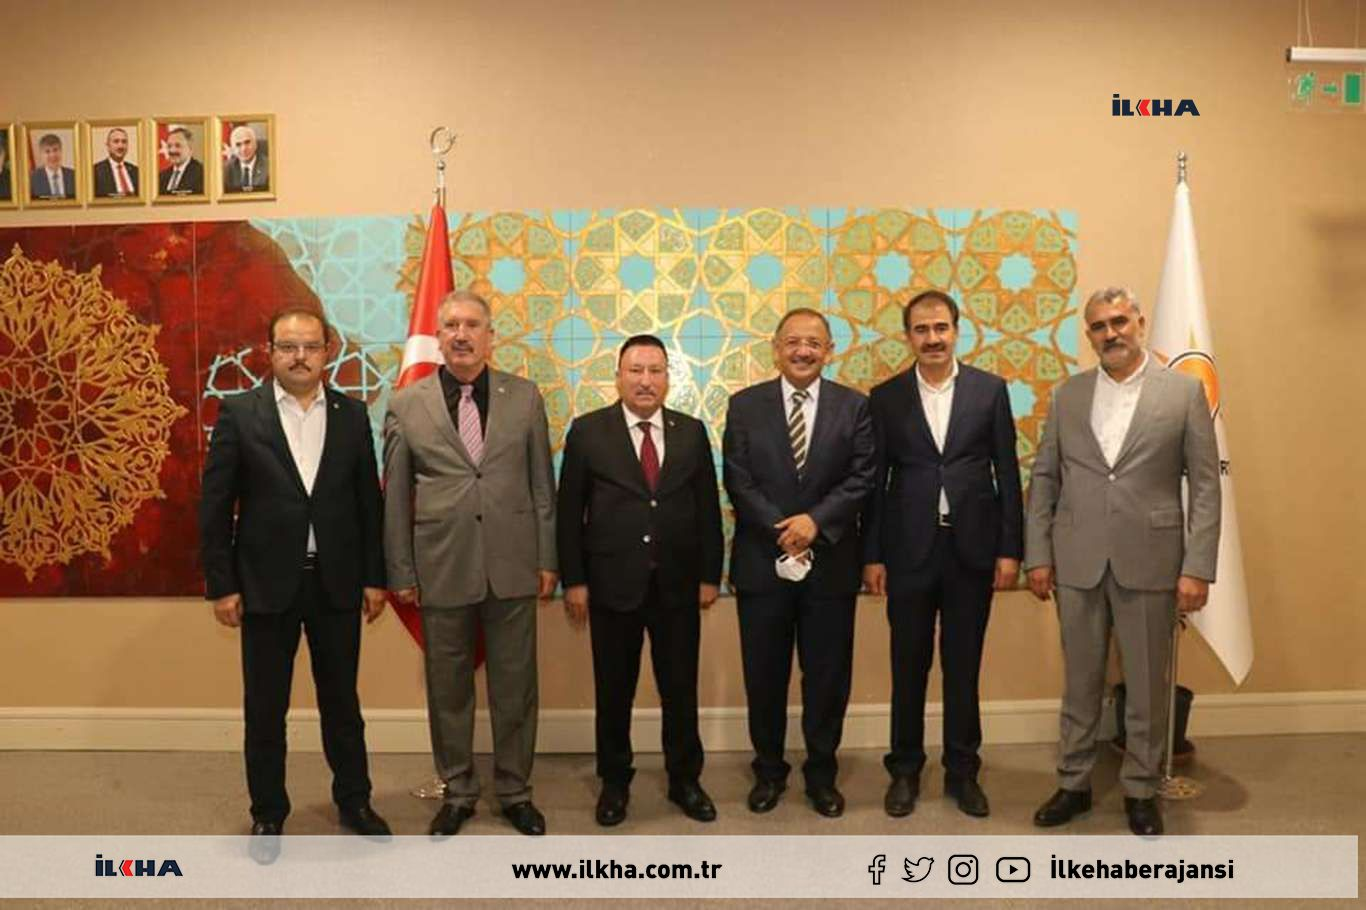 AK Parti Genel Merkez Yerel Yönetimler Başkanı Özhasekiden Bağların projelerine destek